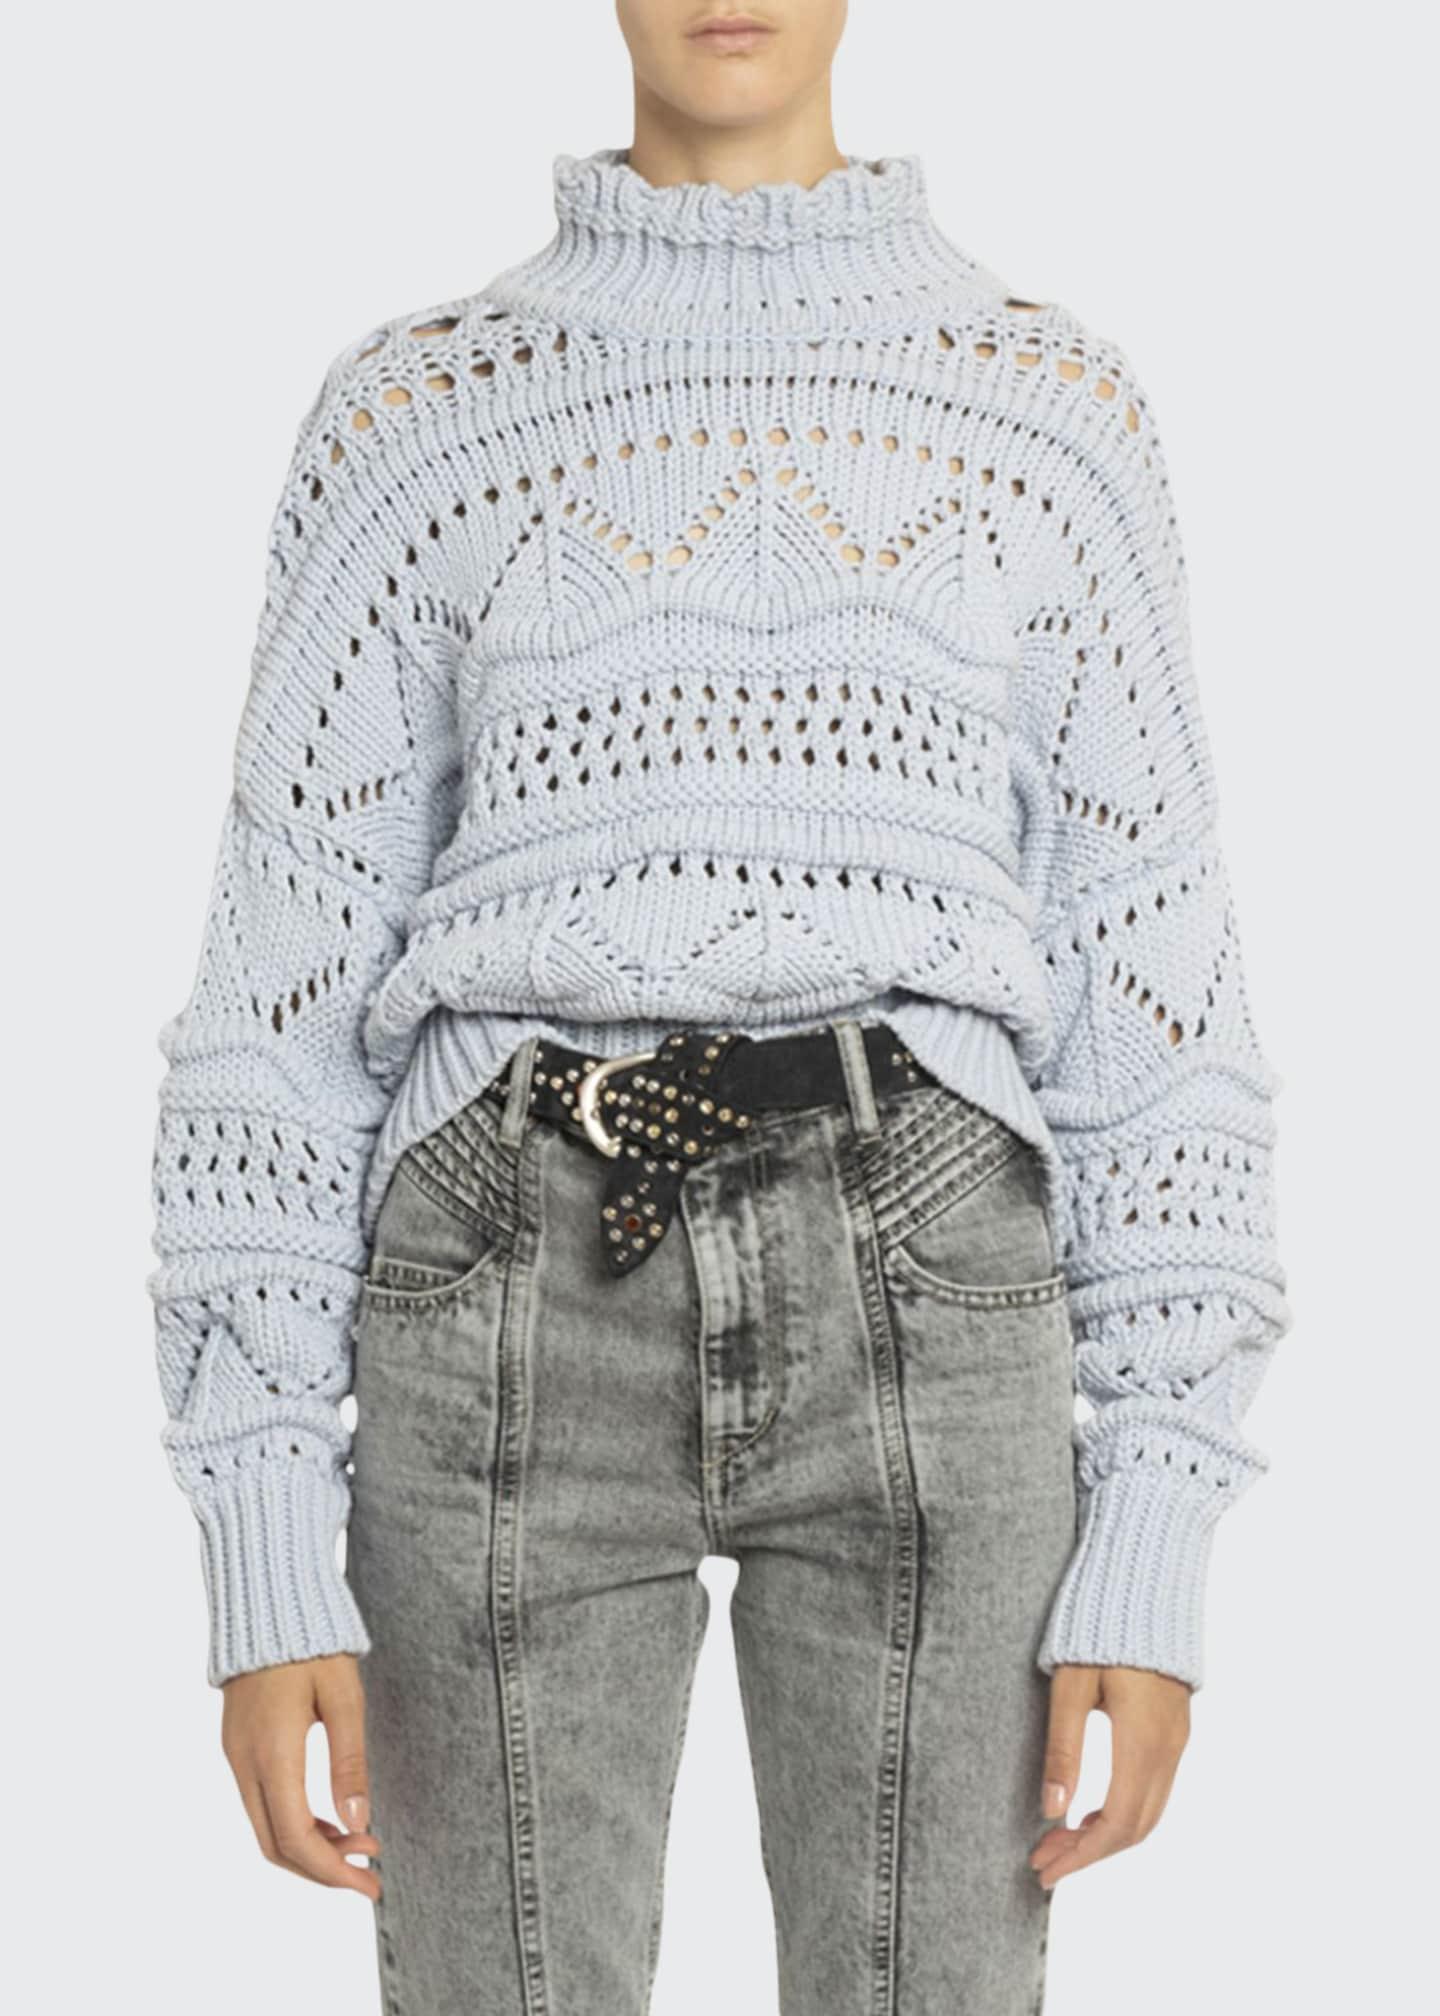 Etoile Isabel Marant Naka Open-Knit Turtleneck Sweater